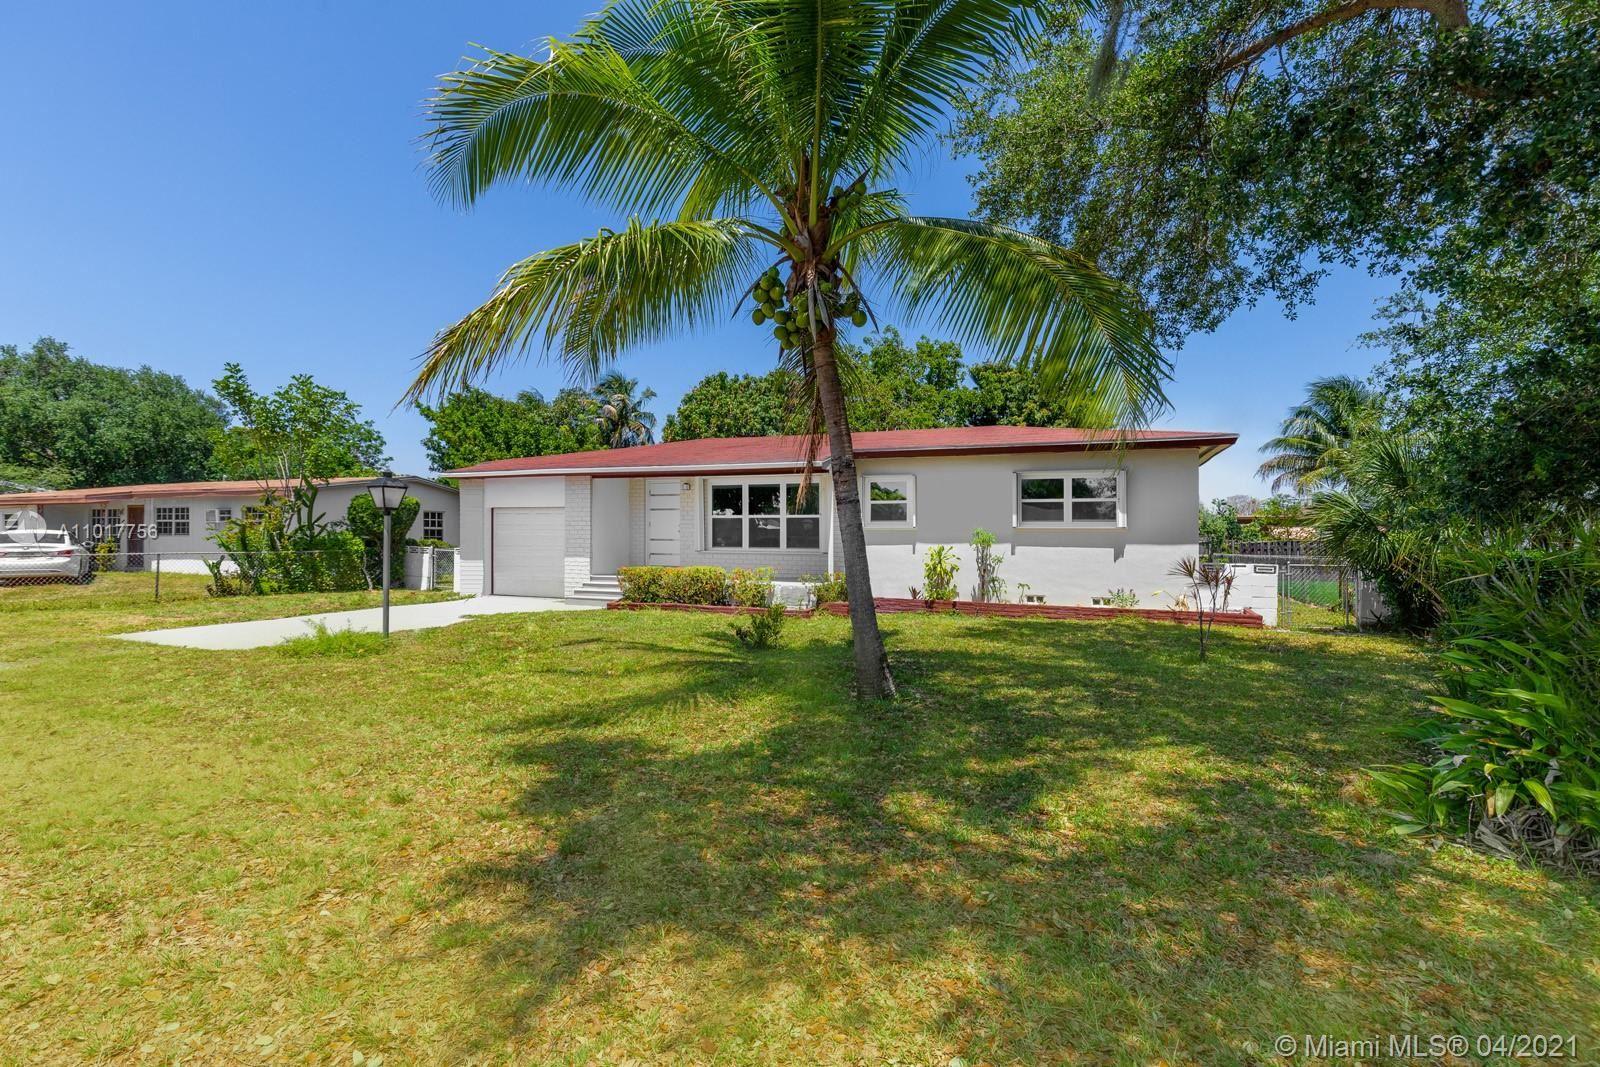 1151 NW 136TH ST, North Miami, FL 33168 - #: A11017756